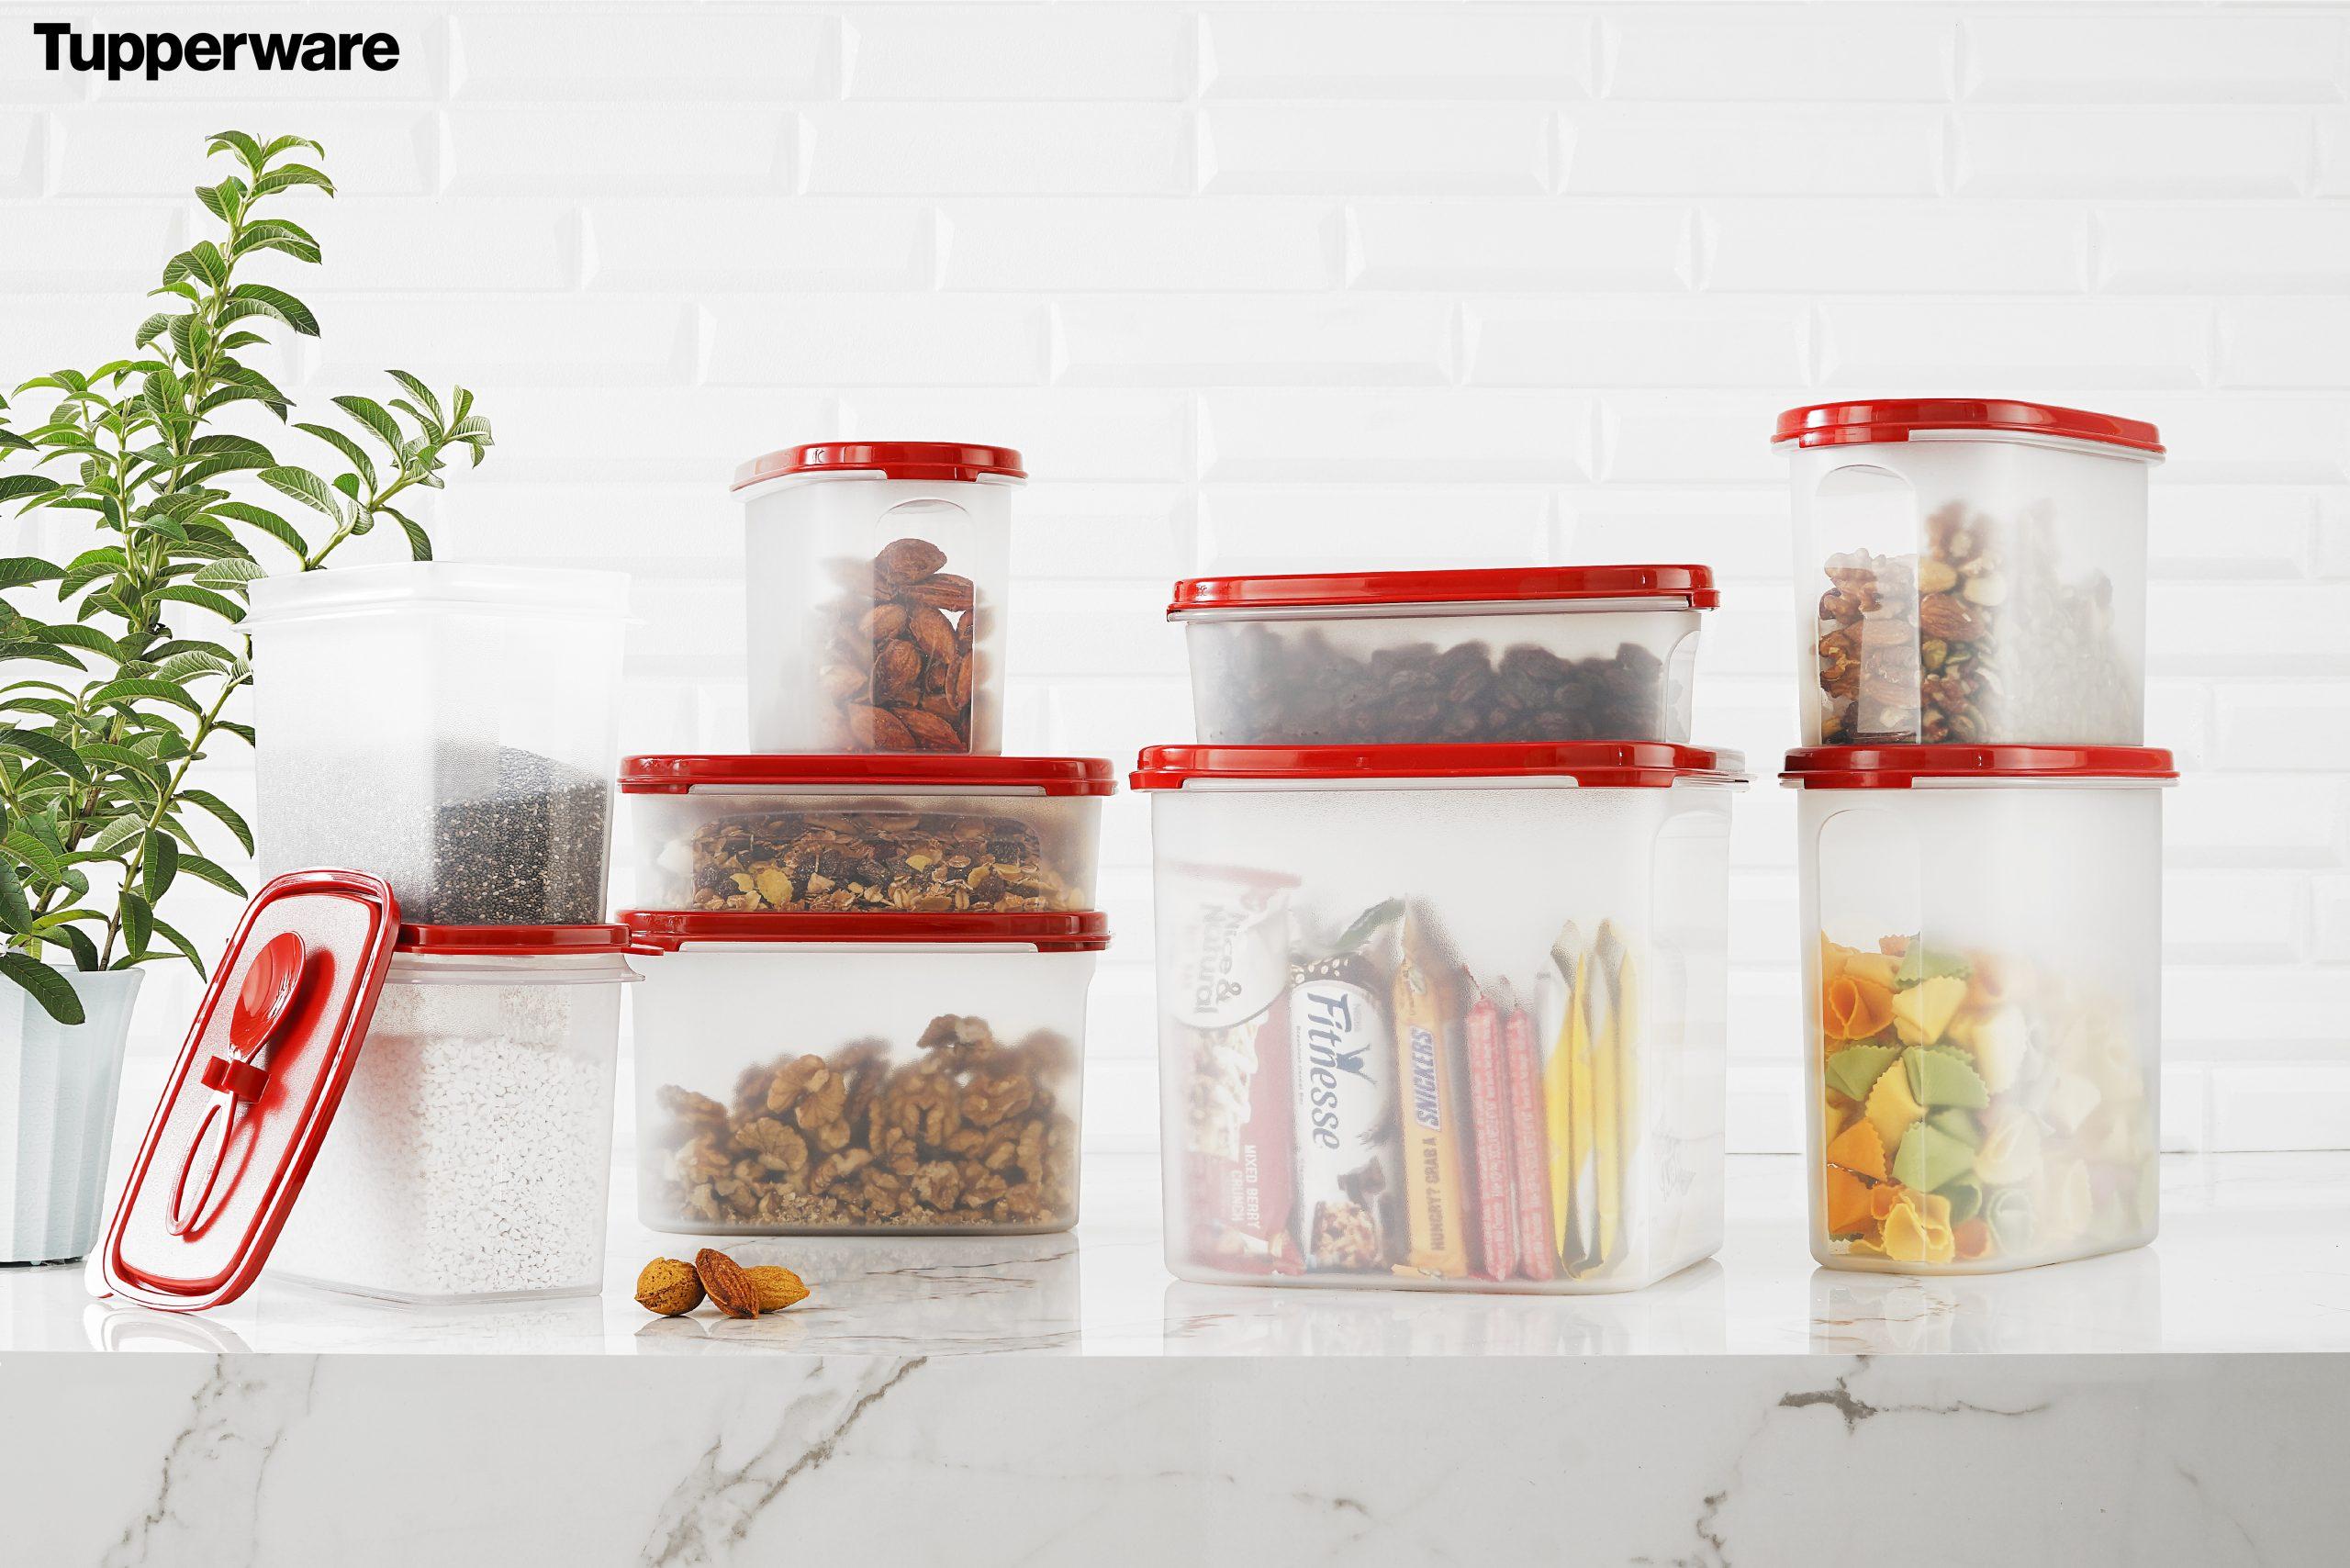 Đã mắt với phòng đựng đồ khô trong biệt thự nhà Tóc Tiên: Sắp xếp khoa học, an toàn, có hàng chục nguyên liệu cho những bữa ăn hấp dẫn - Ảnh 6.